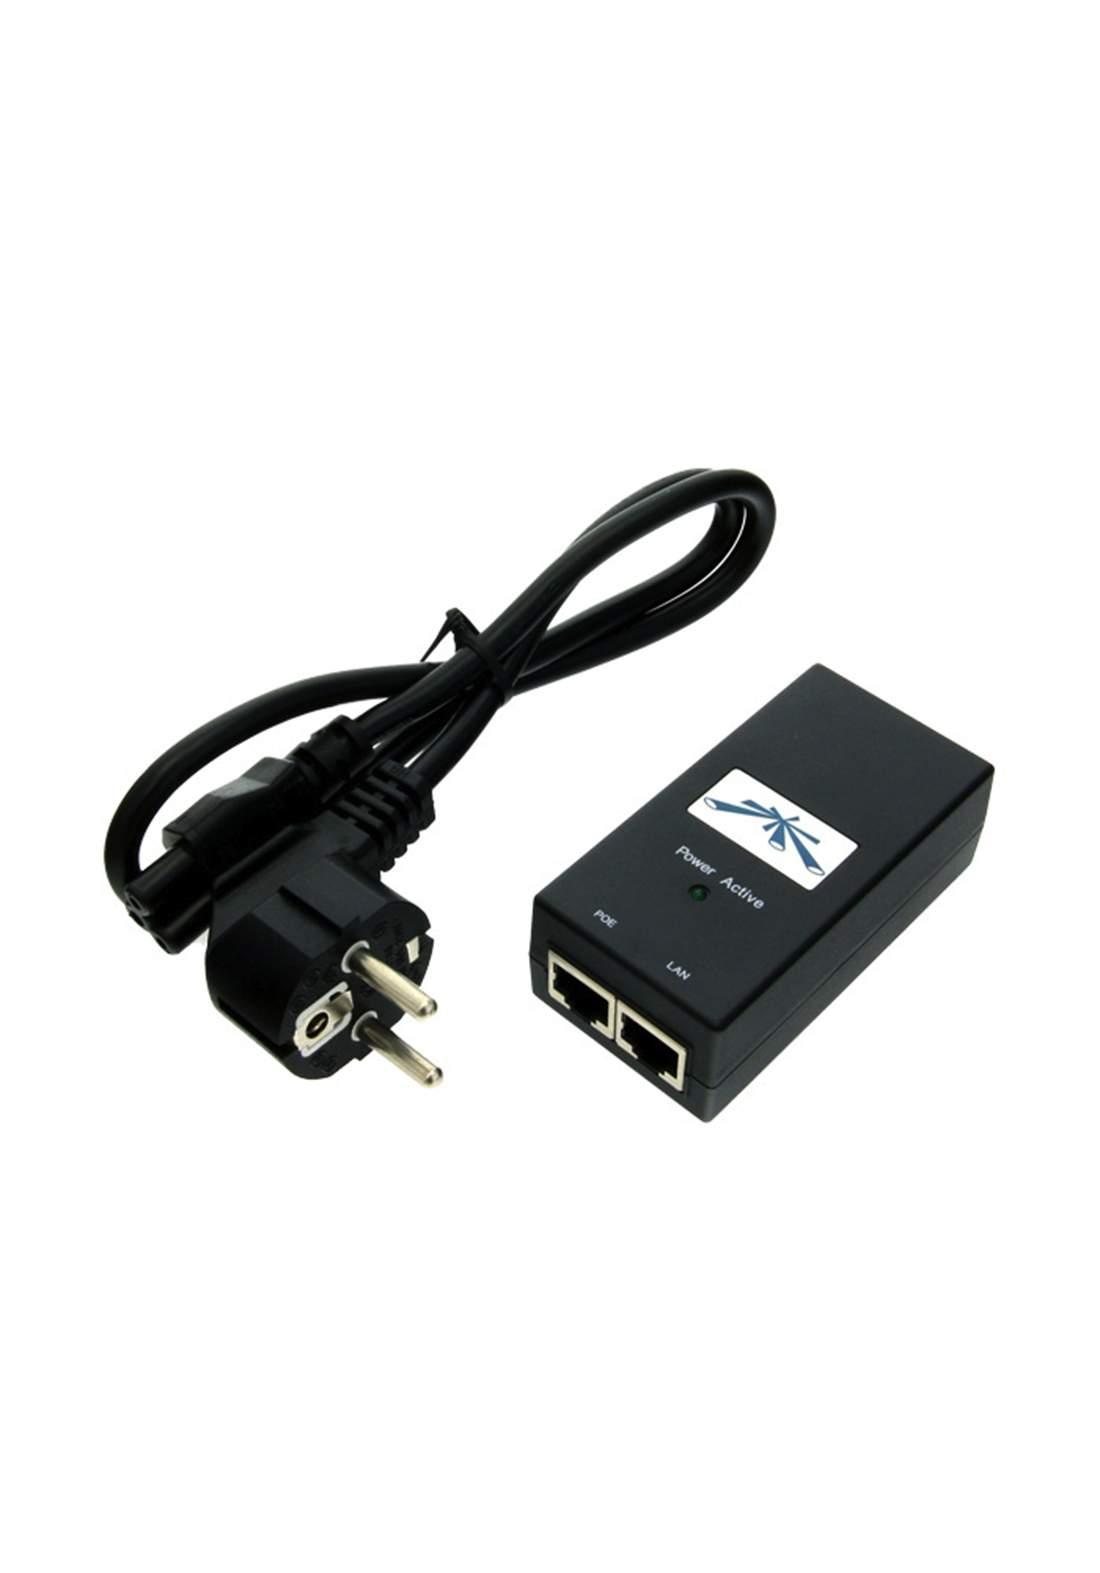 Ubiquiti Carrier PoE Adapter 15V - Black محولة راوتر